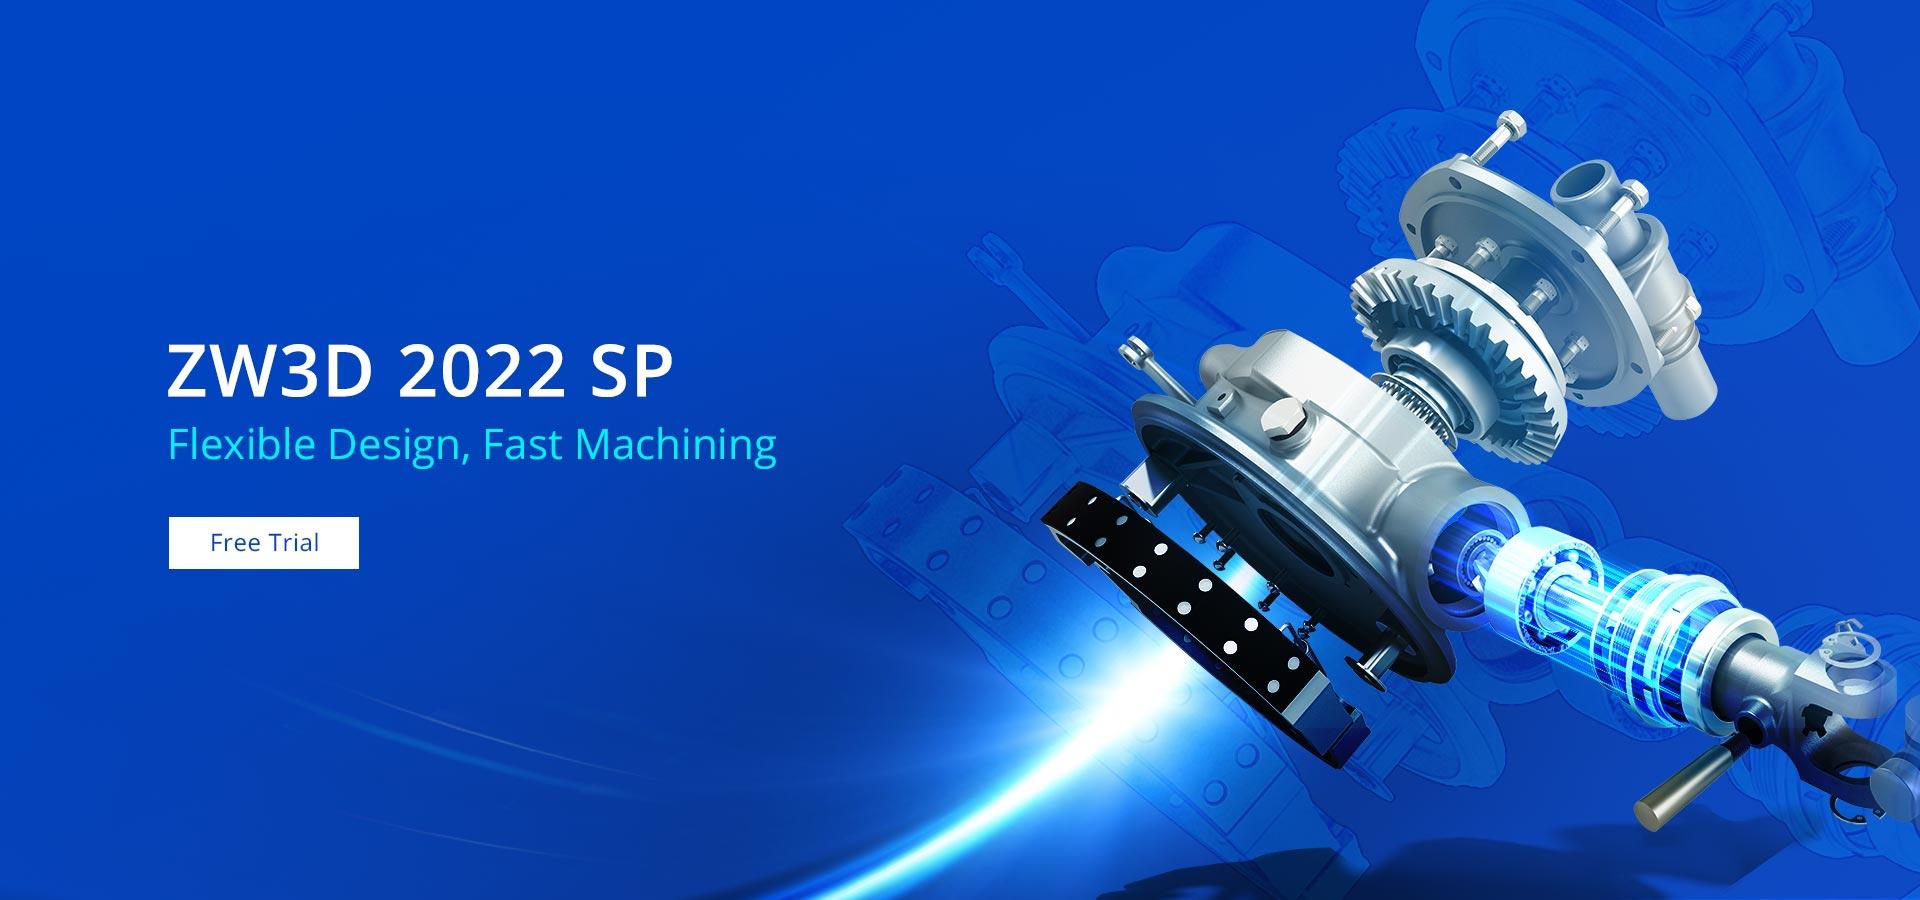 ZW3D 2022 SP